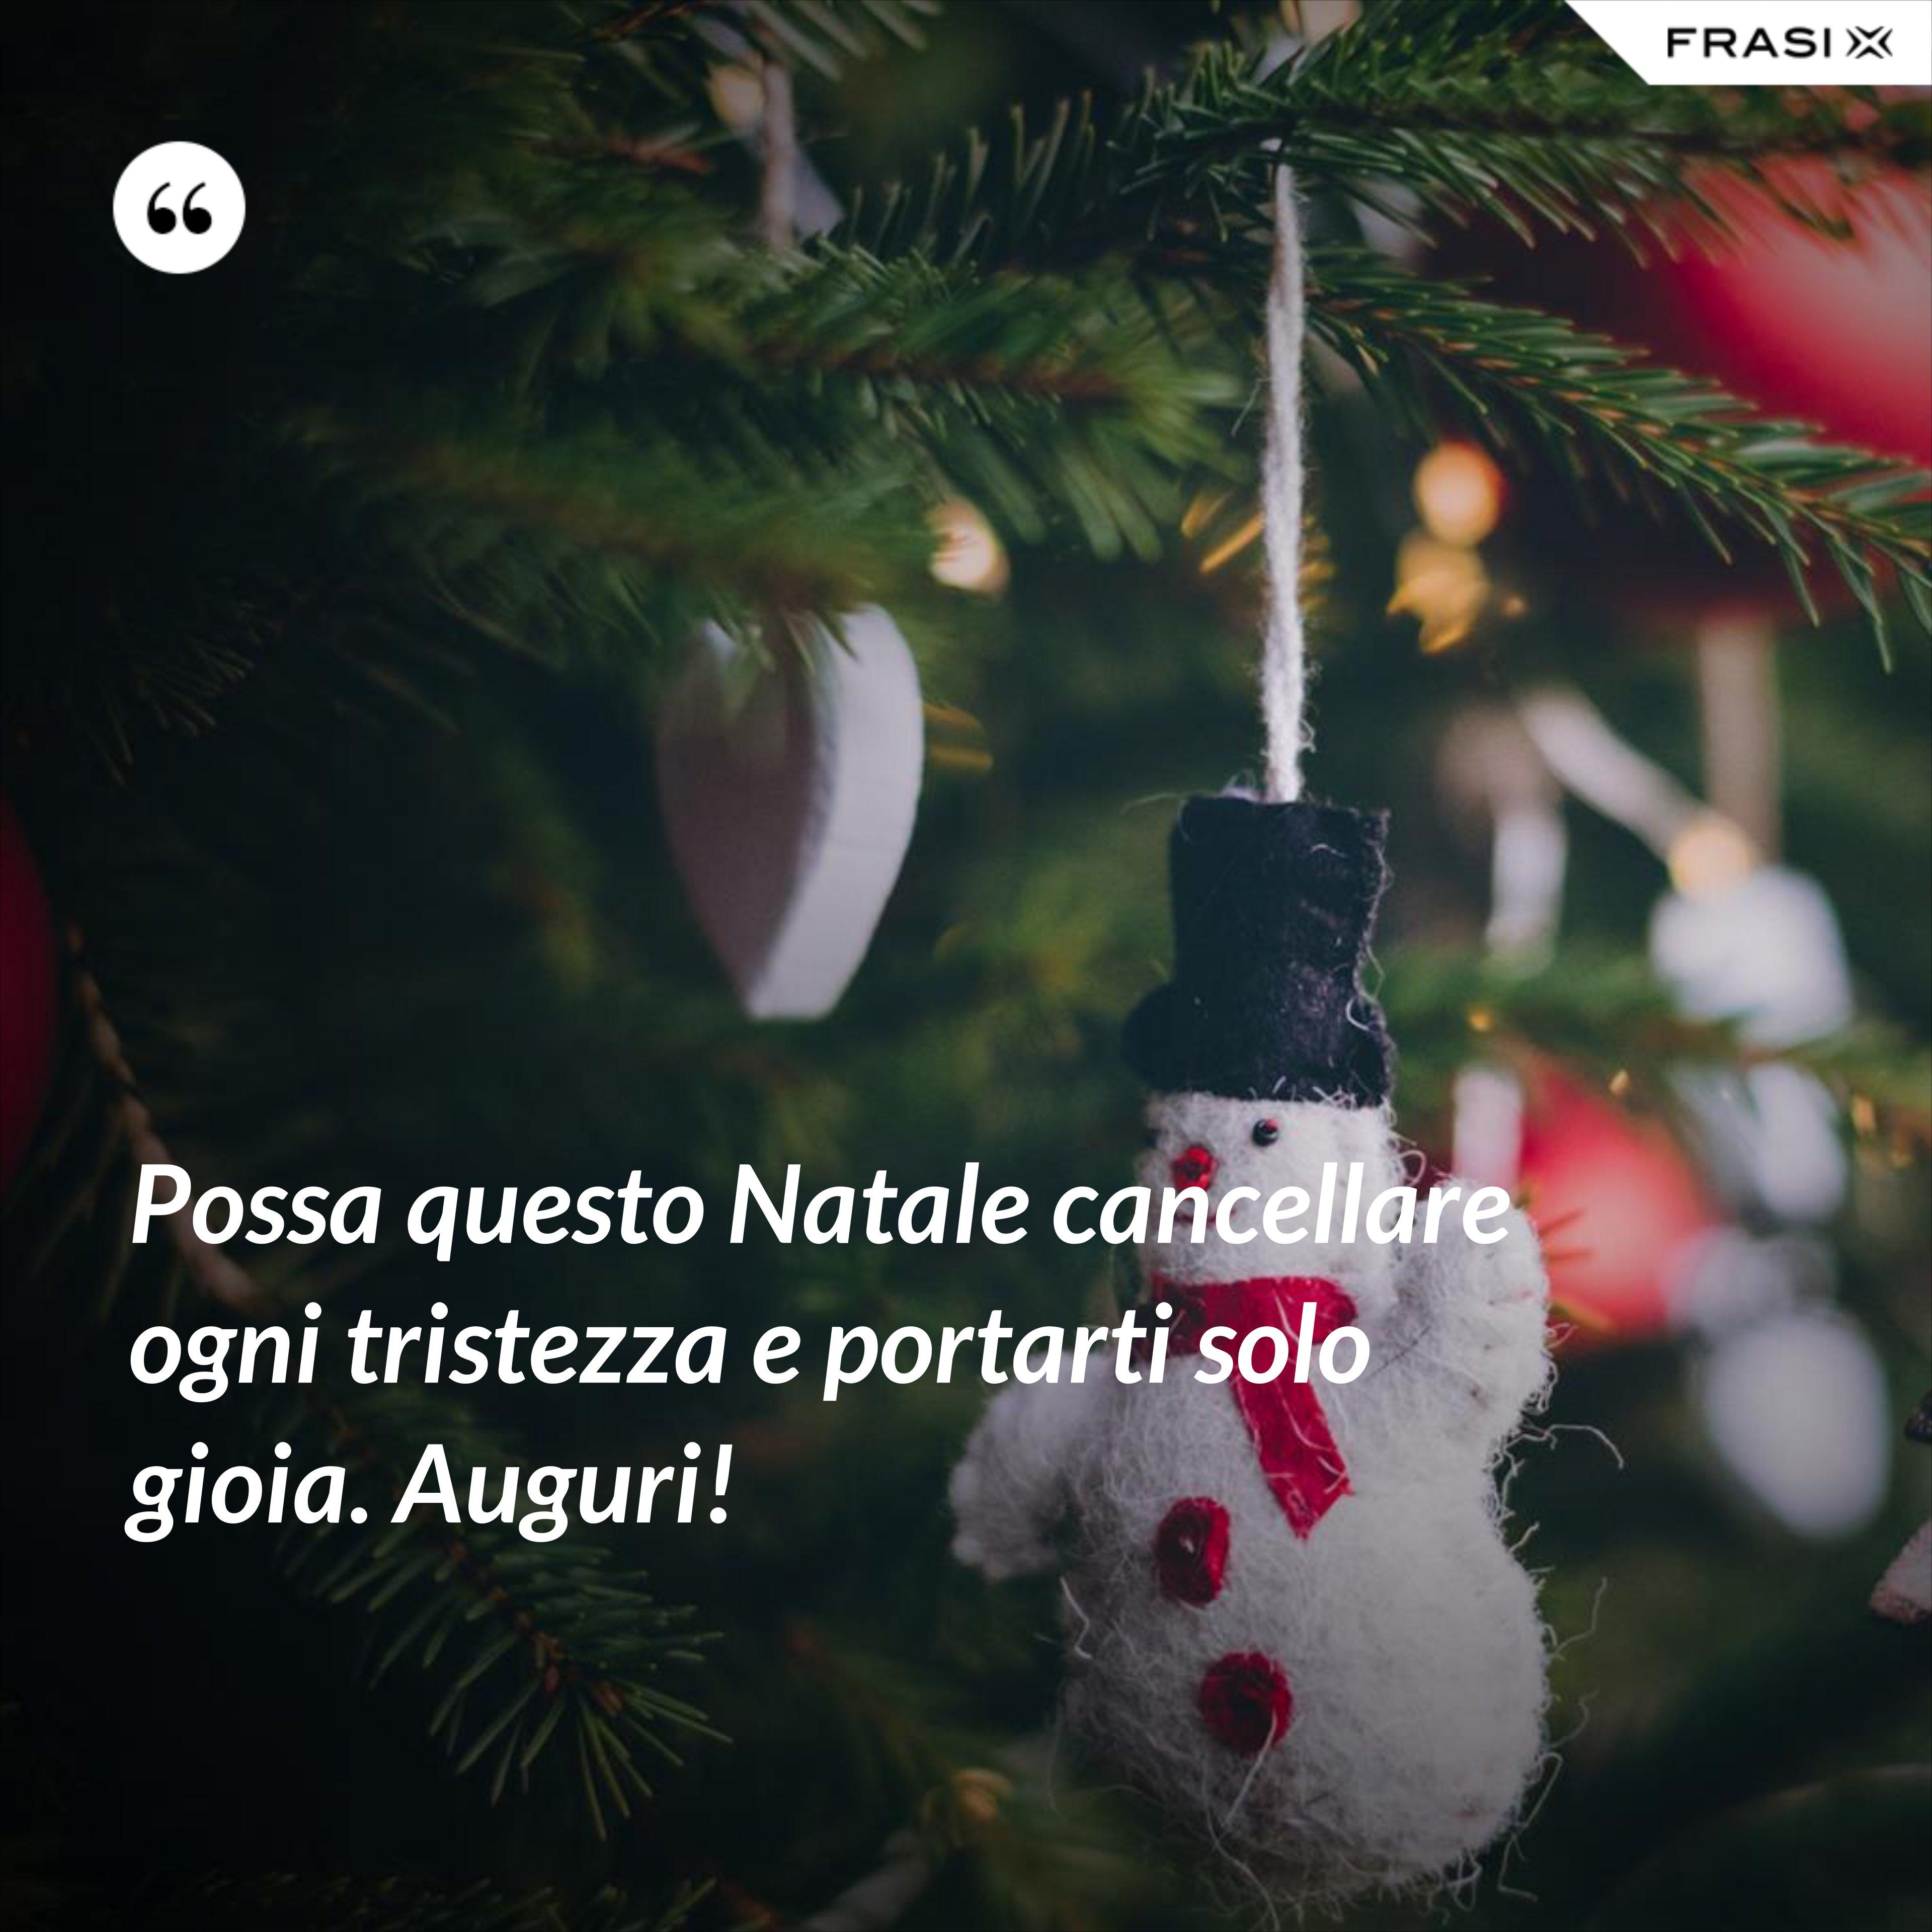 Possa questo Natale cancellare ogni tristezza e portarti solo gioia. Auguri! - Anonimo